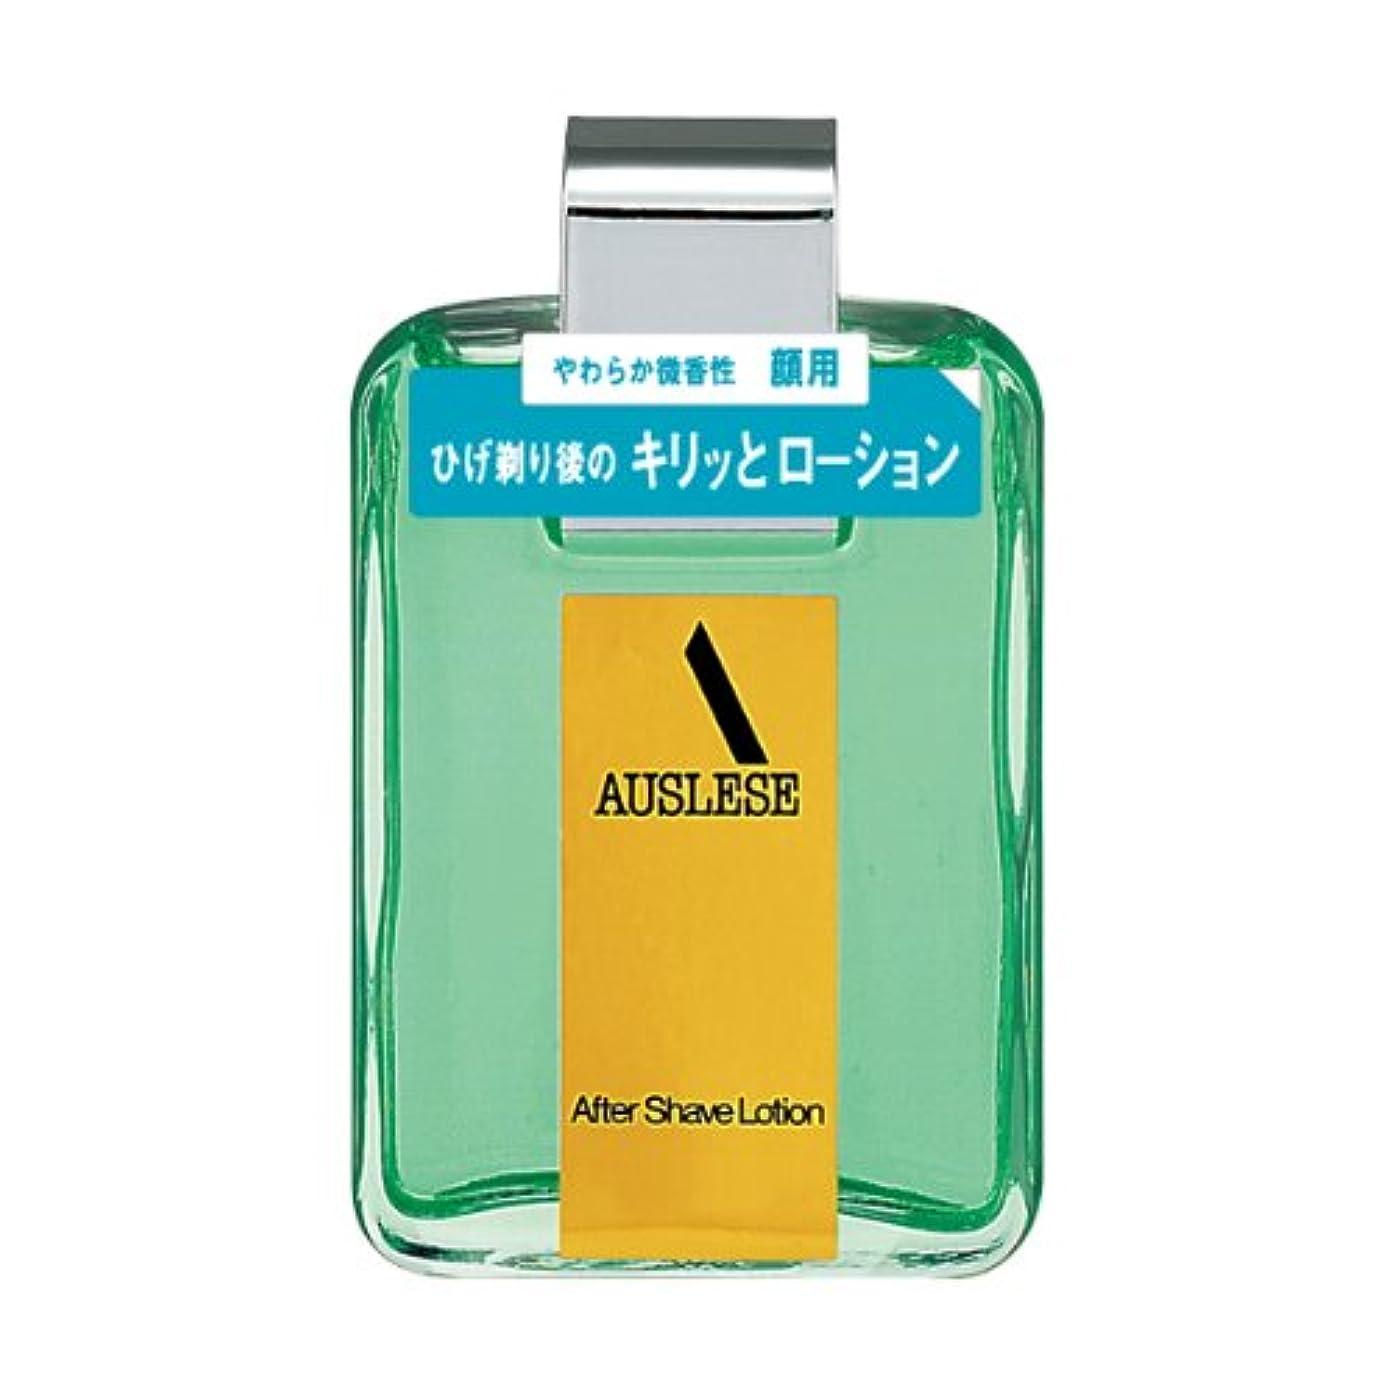 ショットノイズ無しアウスレーゼ アフターシェーブローションNA 100mL 【医薬部外品】